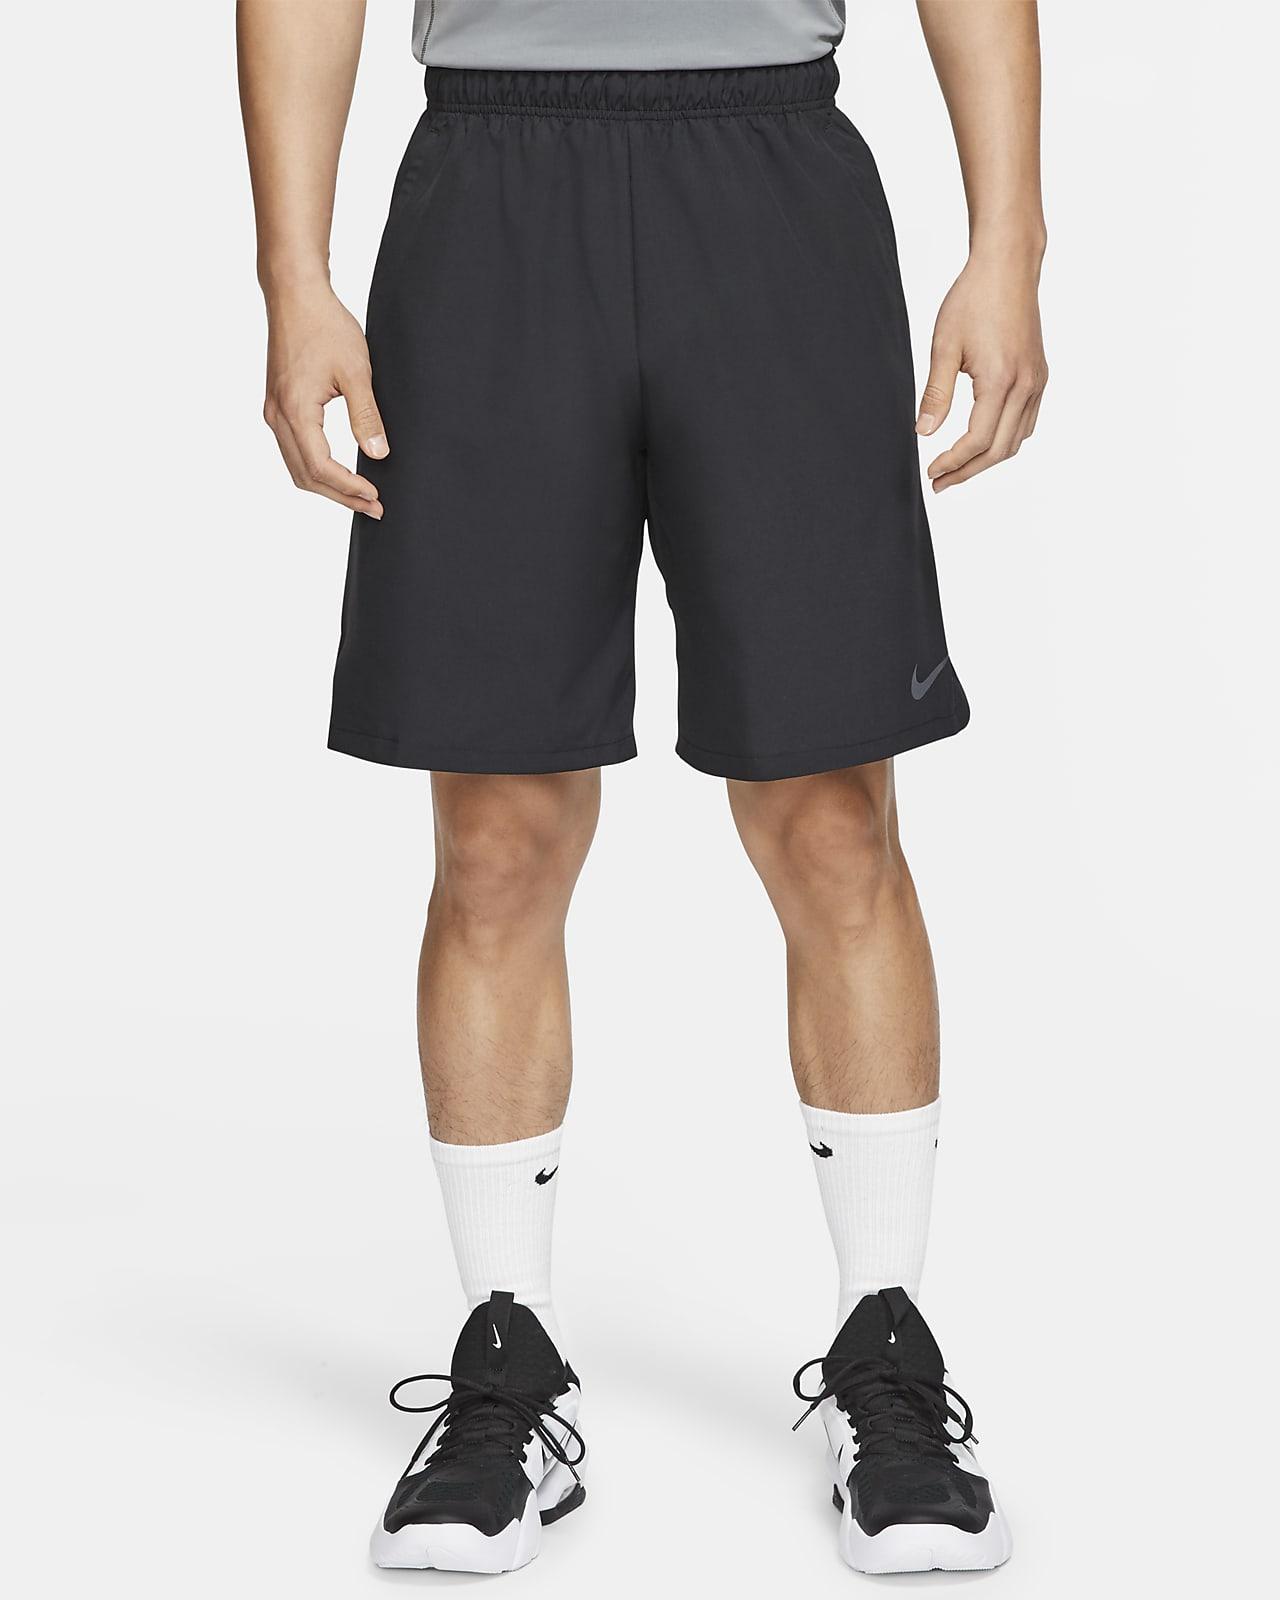 กางเกงเทรนนิ่งแบบทอขาสั้นผู้ชาย Nike Flex